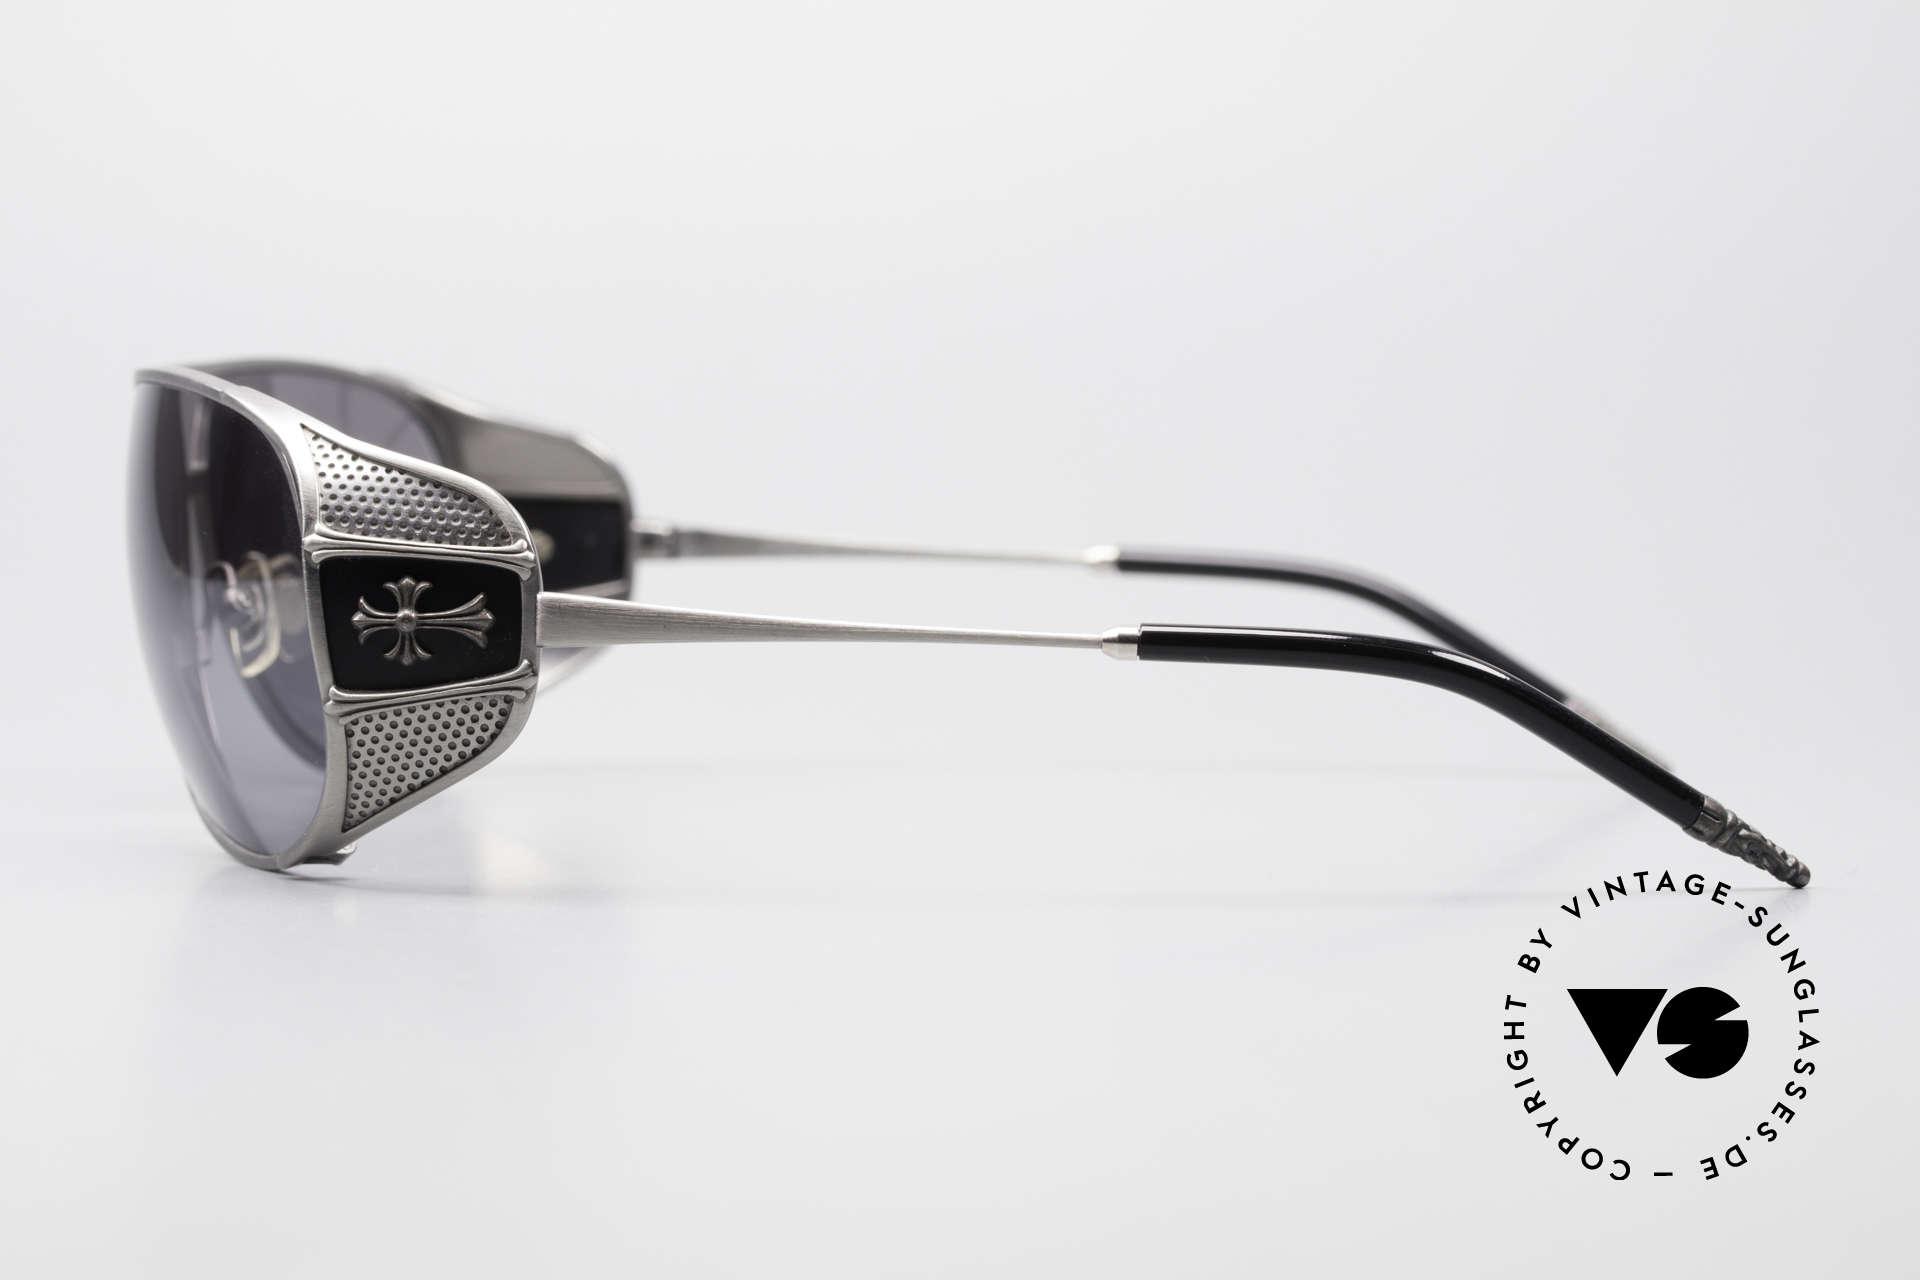 Chrome Hearts Jones Luxus Sonnenbrille Für Kenner, ein Begriff unter Kennern & Qualitätsliebhabern, Passend für Herren